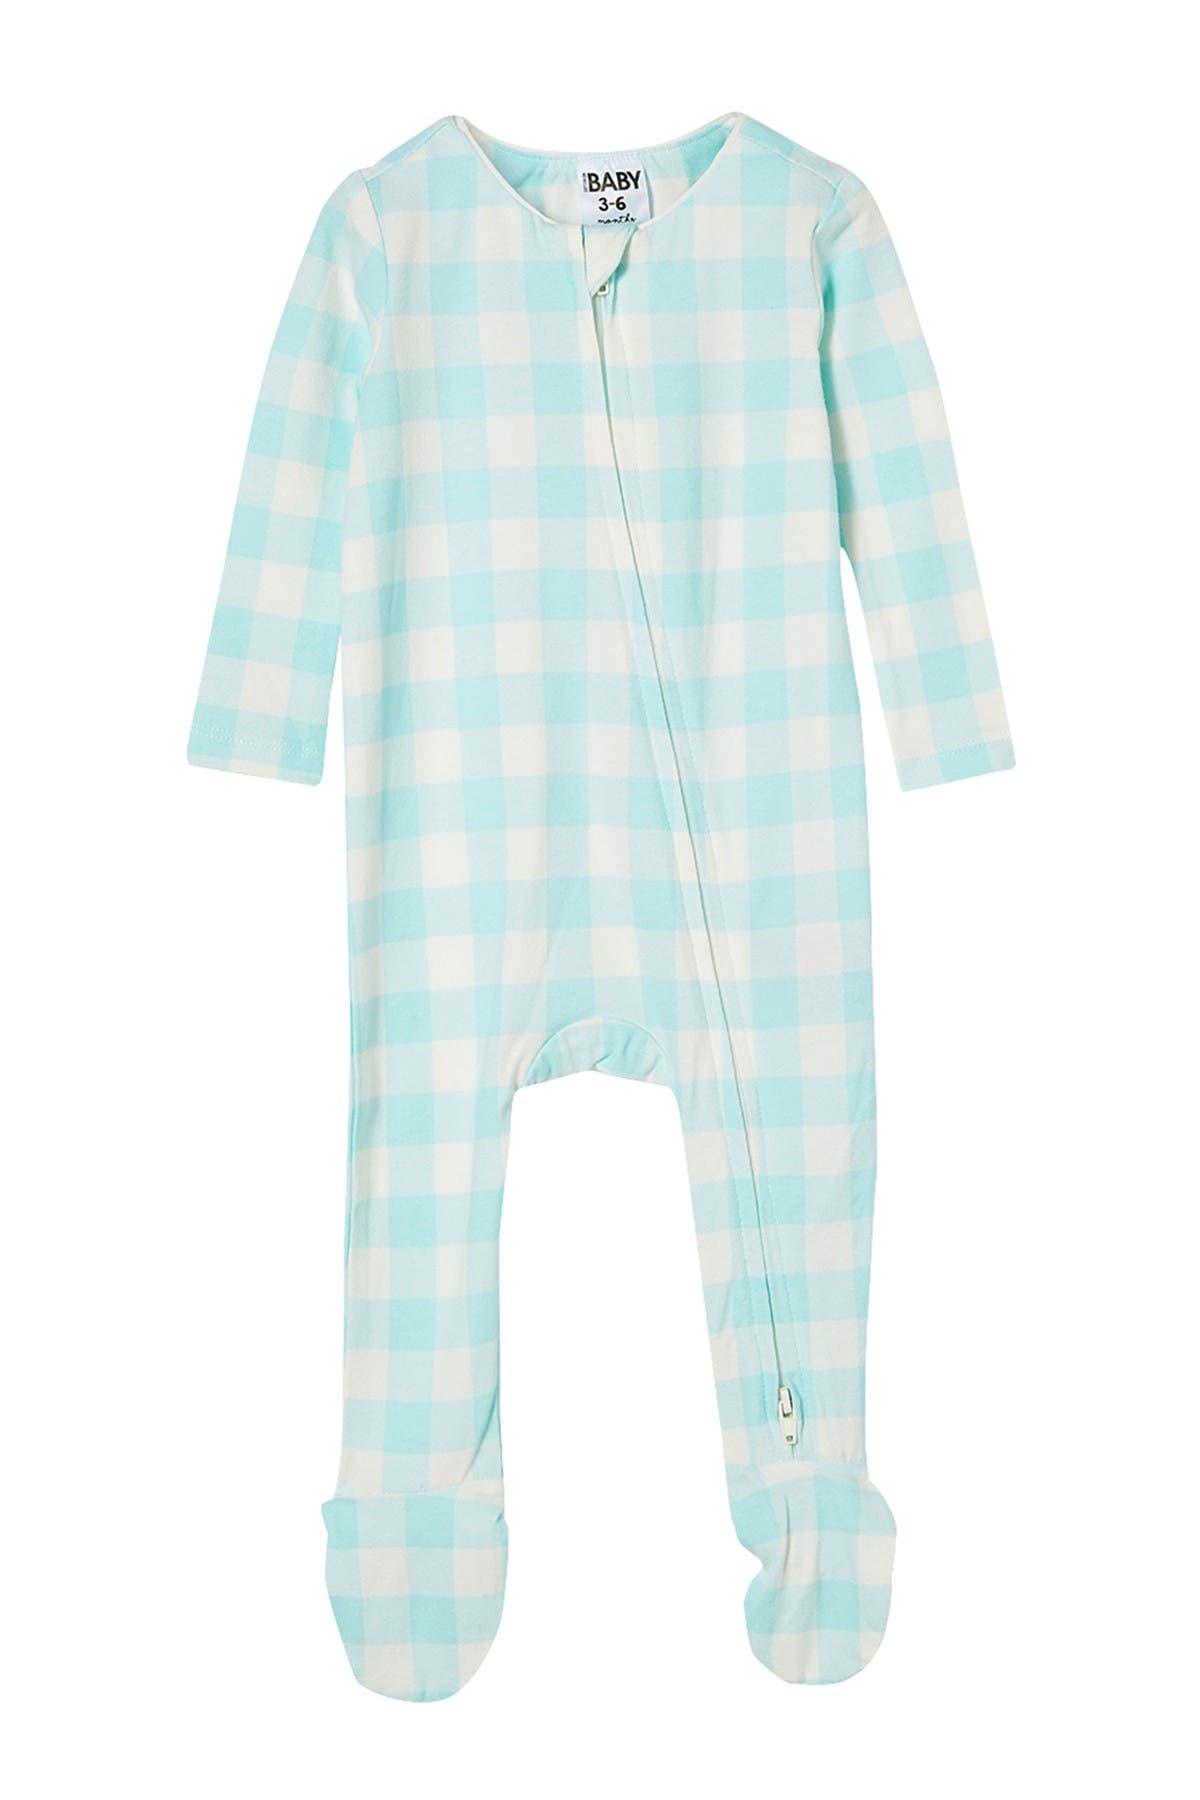 Image of Cotton On Snug Long Sleeve Zip Footie Bodysuit